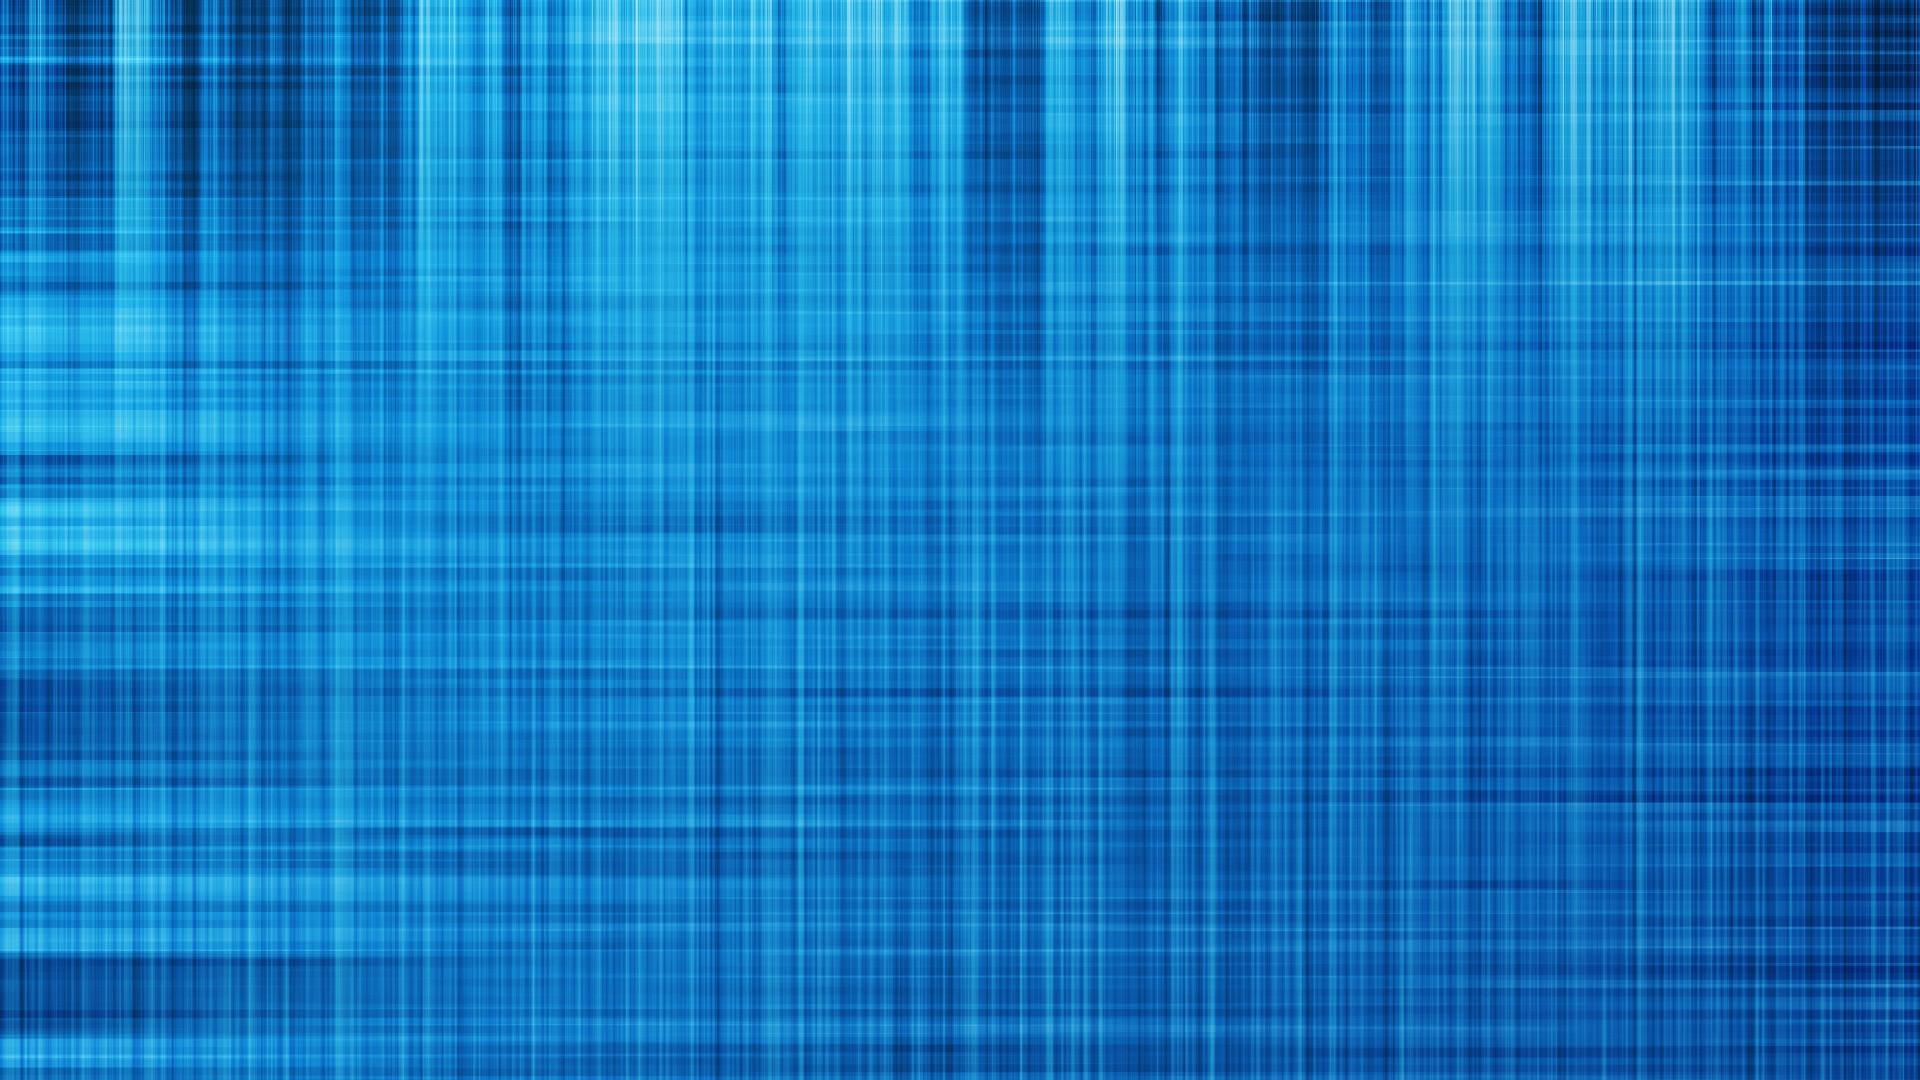 Blue HD 1920x1080 Wall...